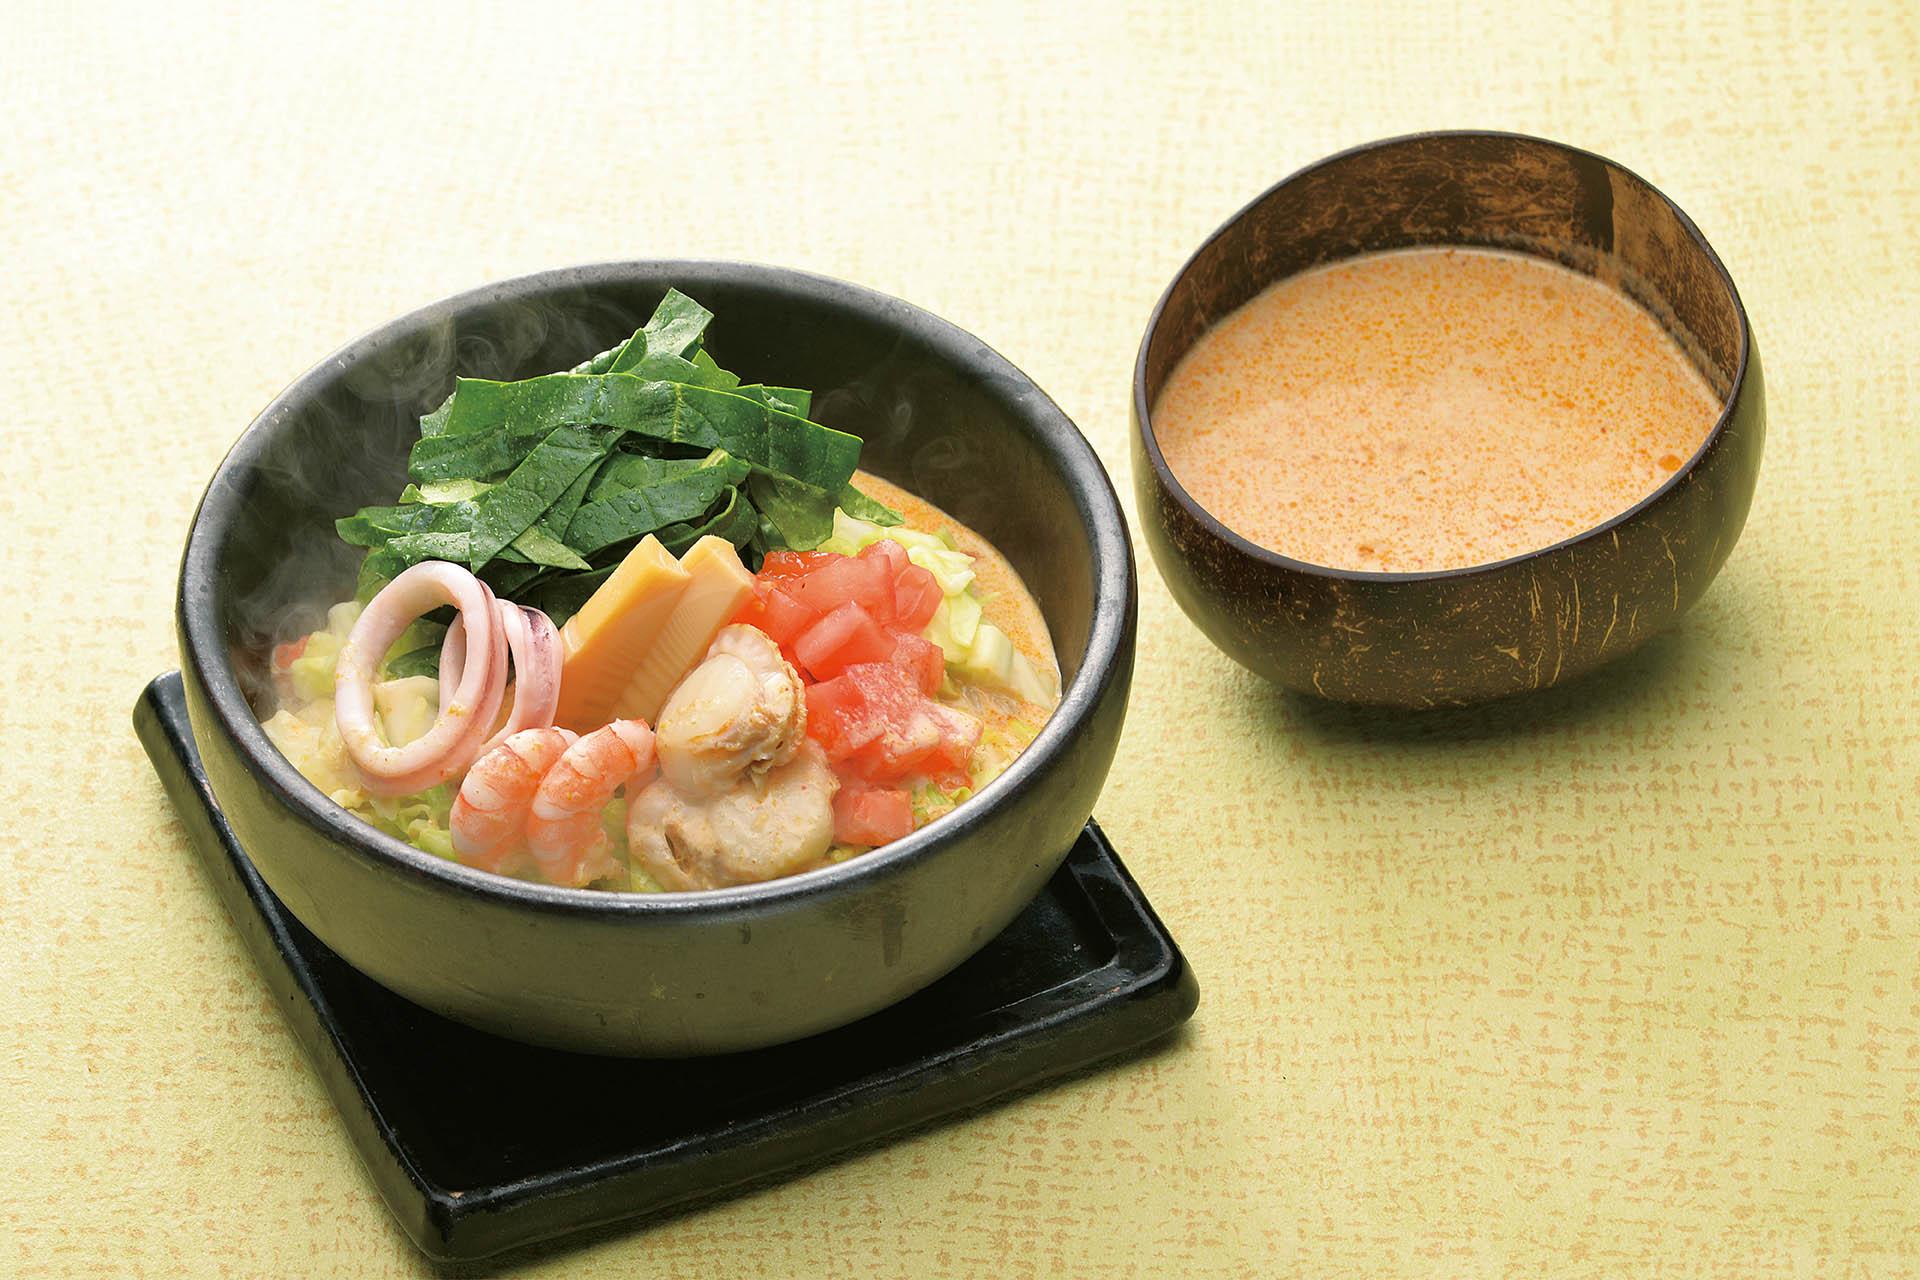 海鮮と春野菜グリーンカレーのおうどん